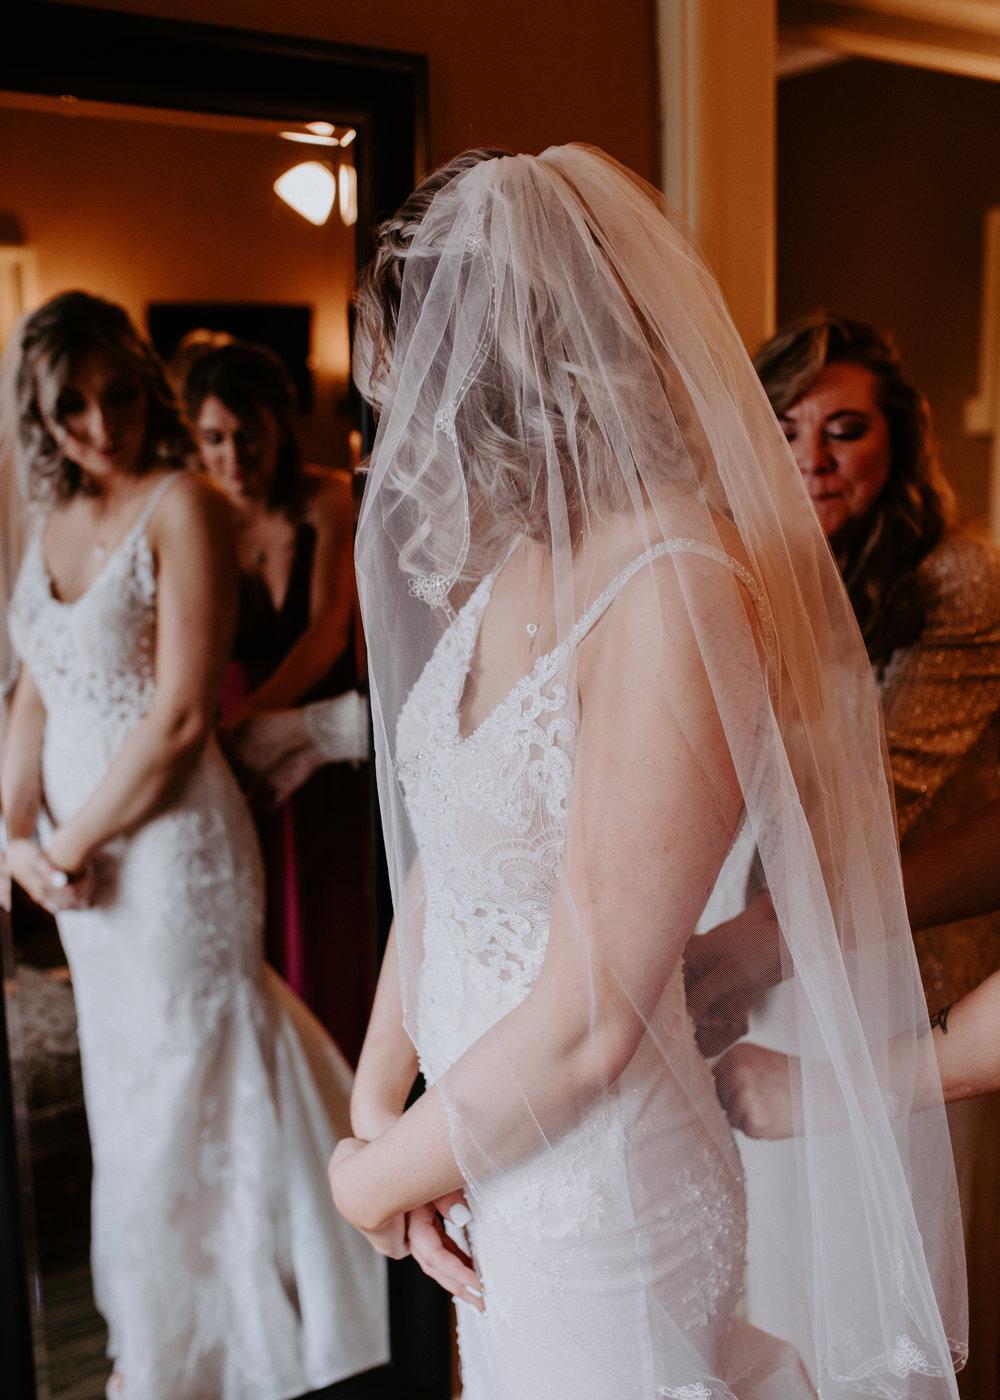 bridal gown l'amour spokane wedding